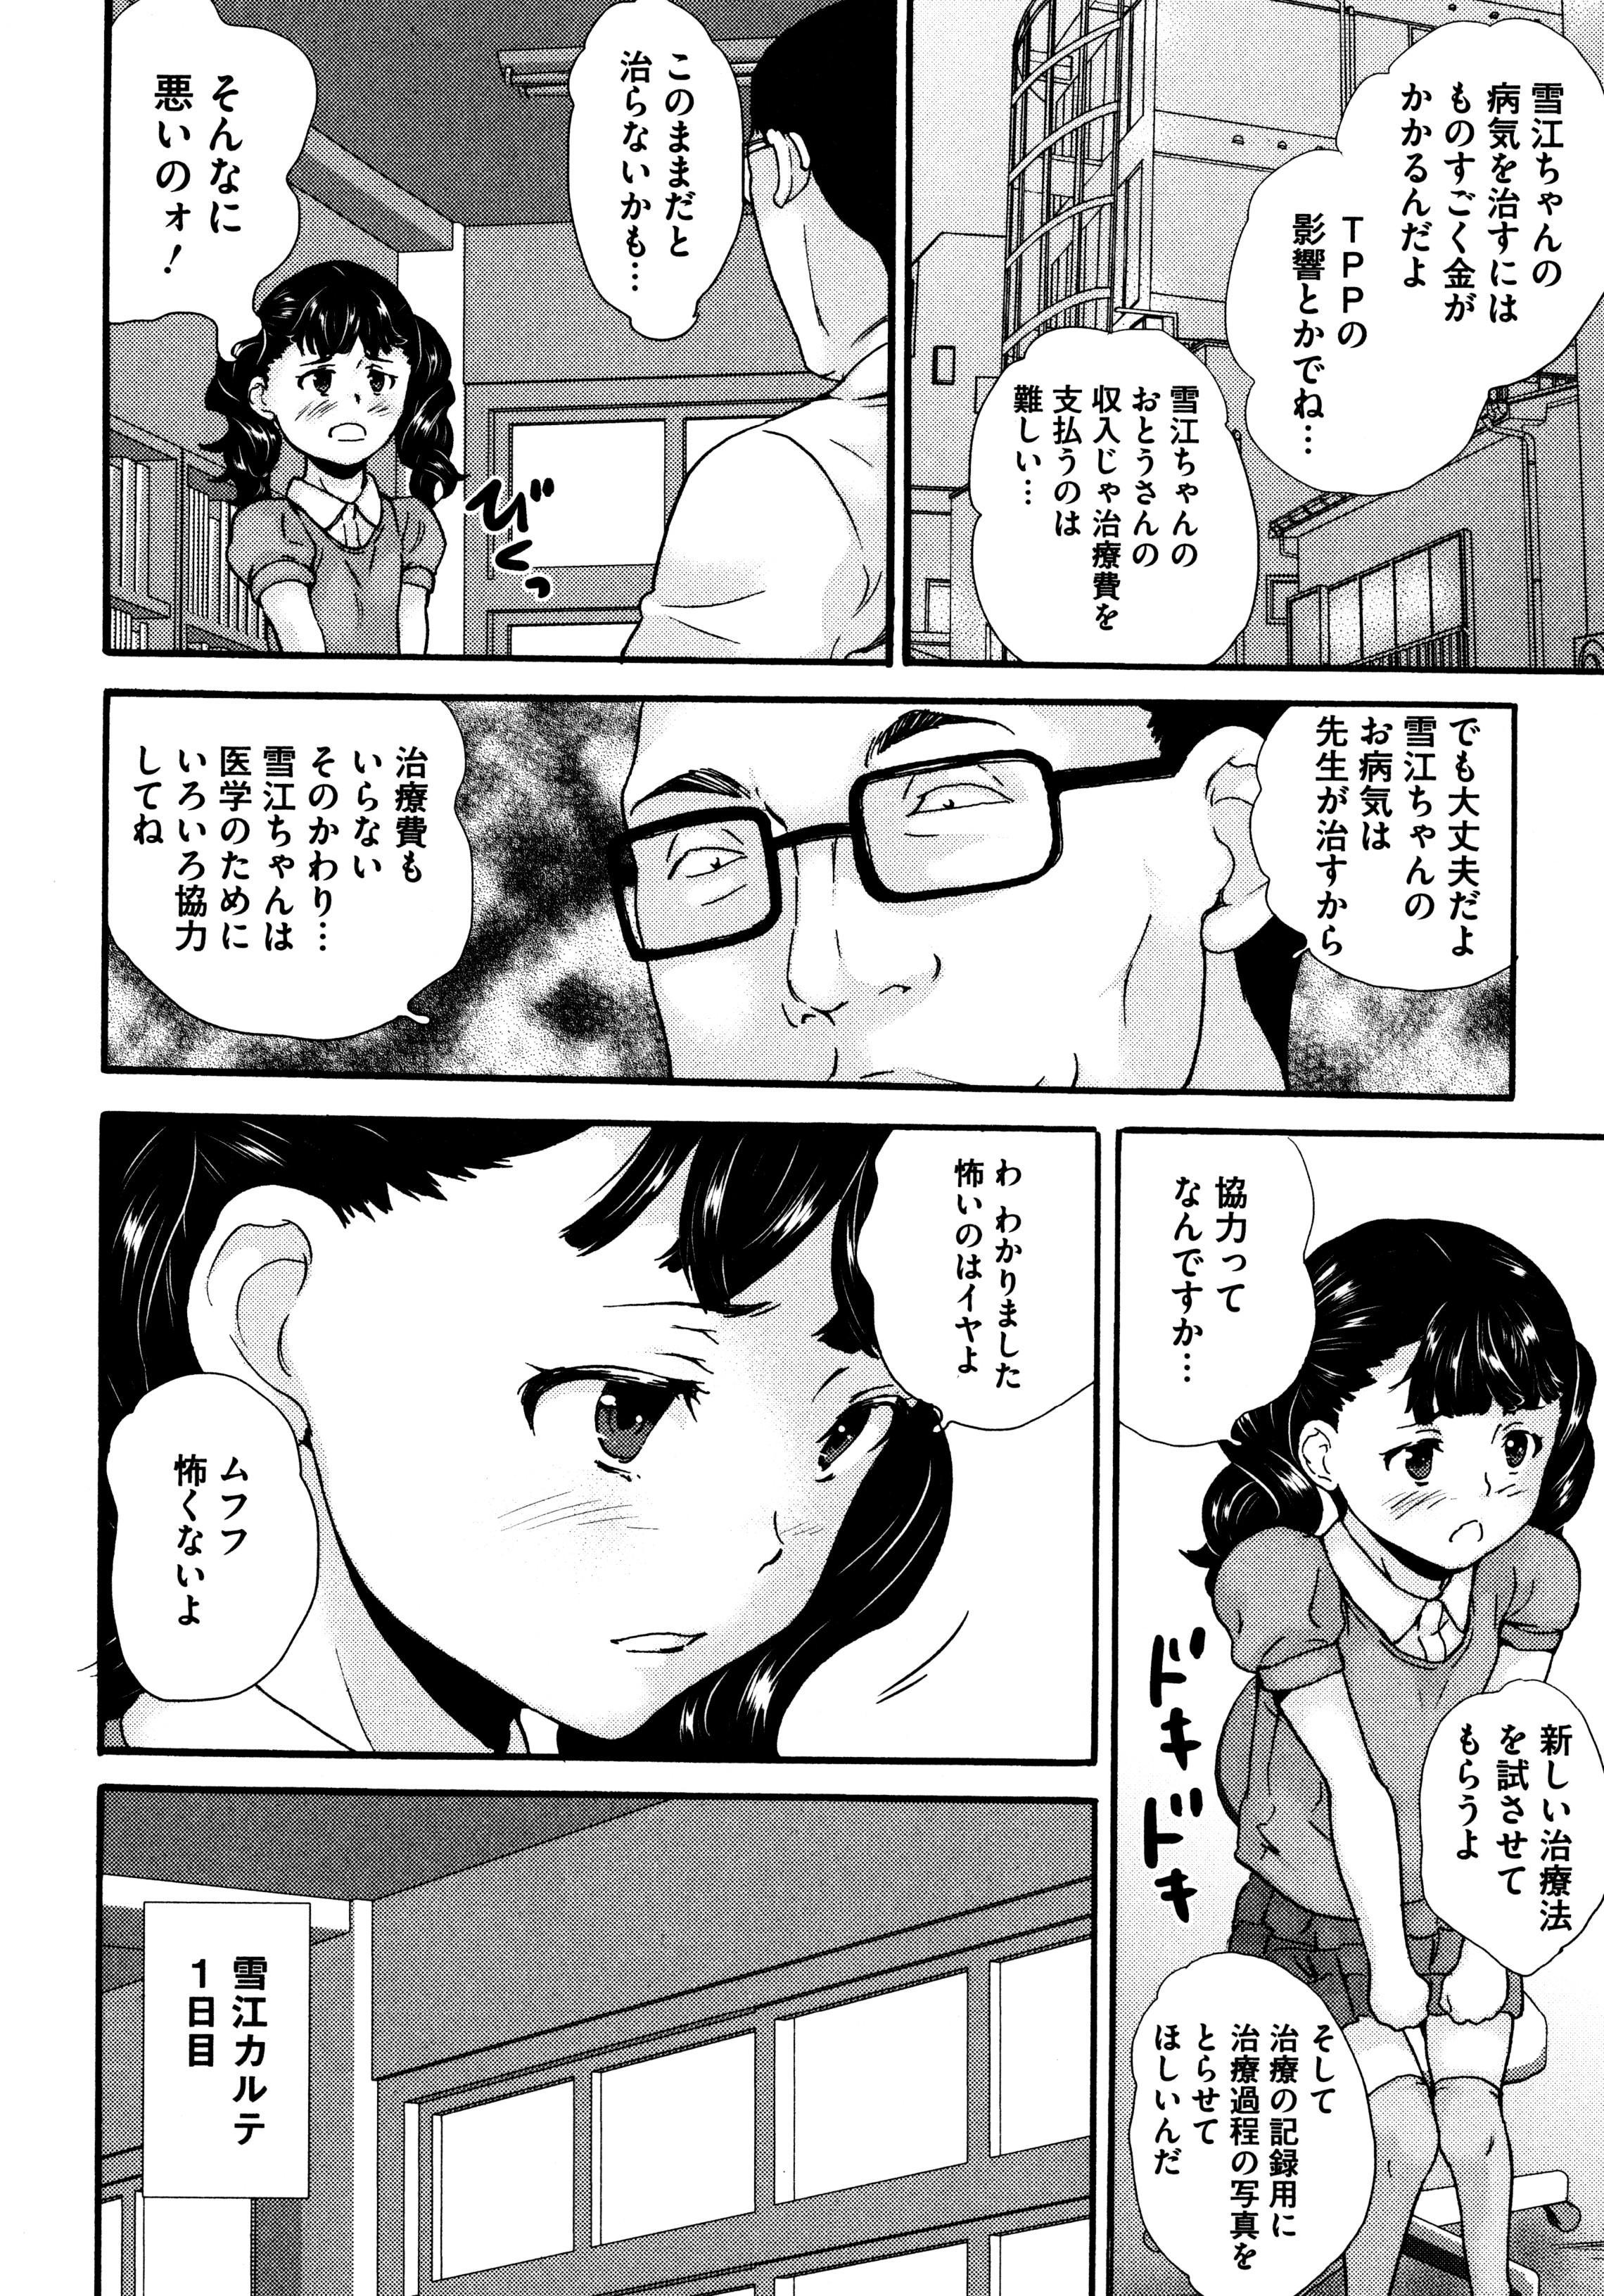 Bishoujo Ijime School 78